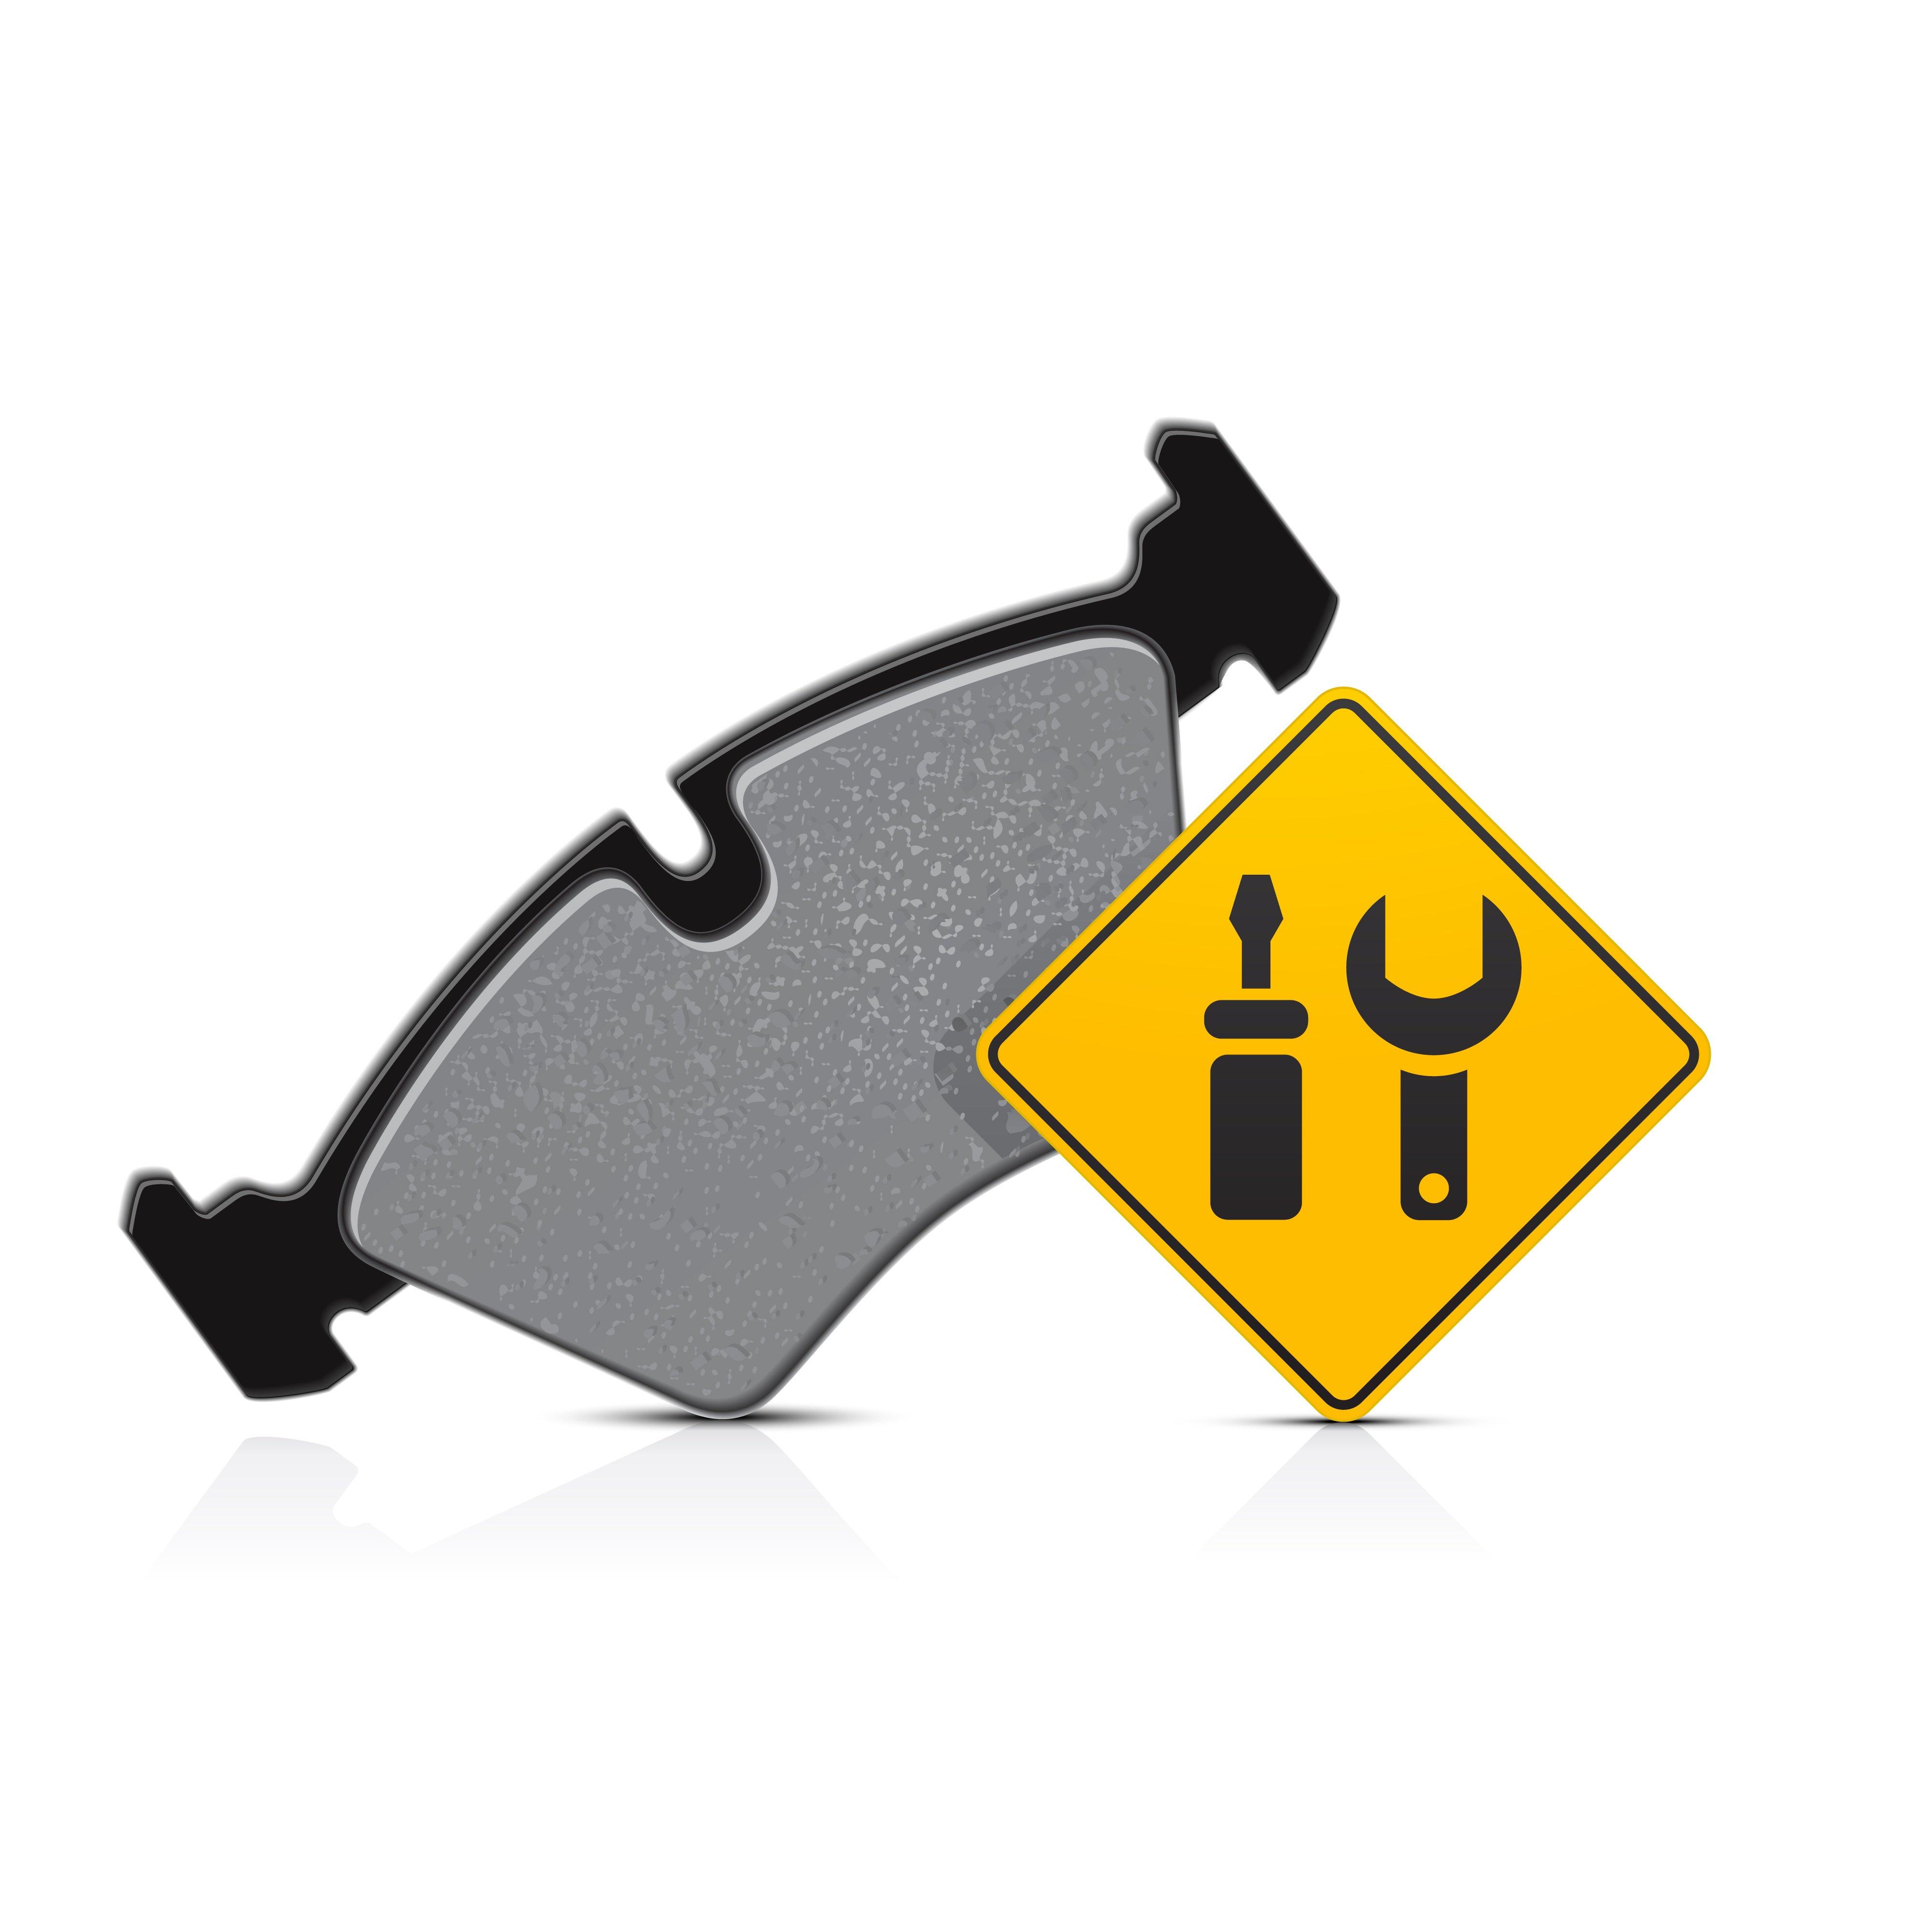 Brake pads clipart banner Fleet Maintenance: How to Spot Common Brake Problems banner